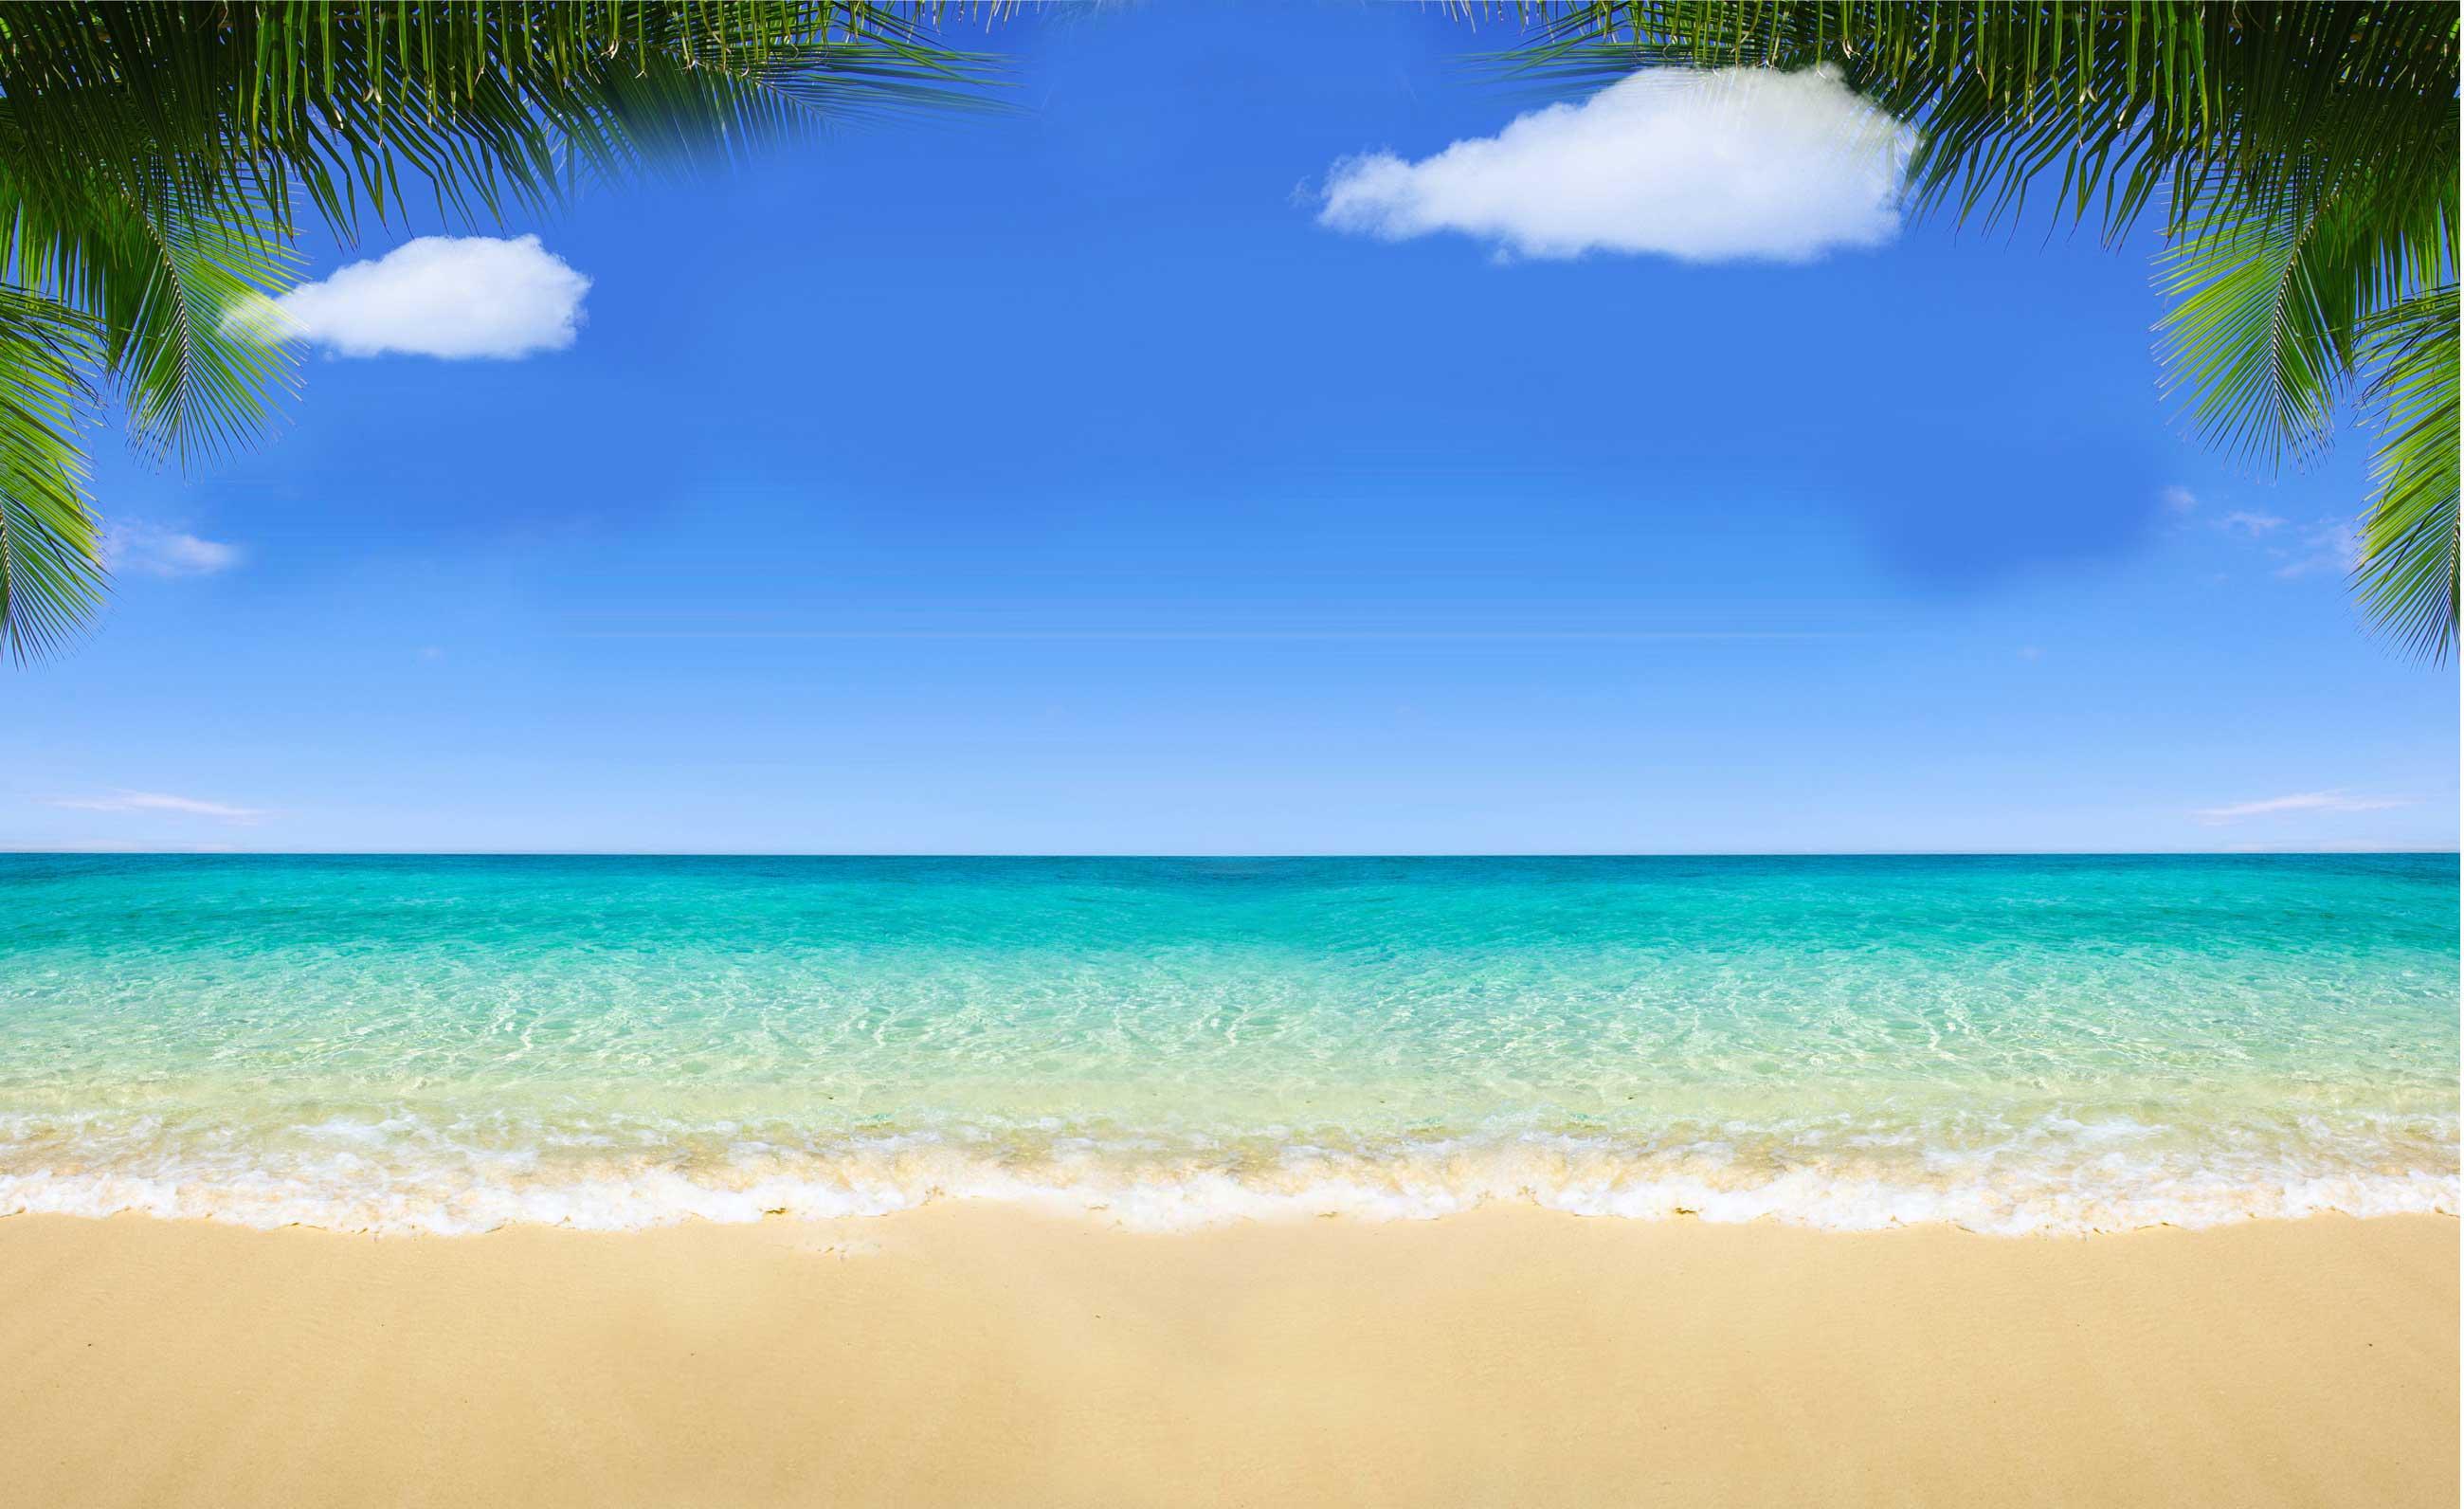 bground_beach